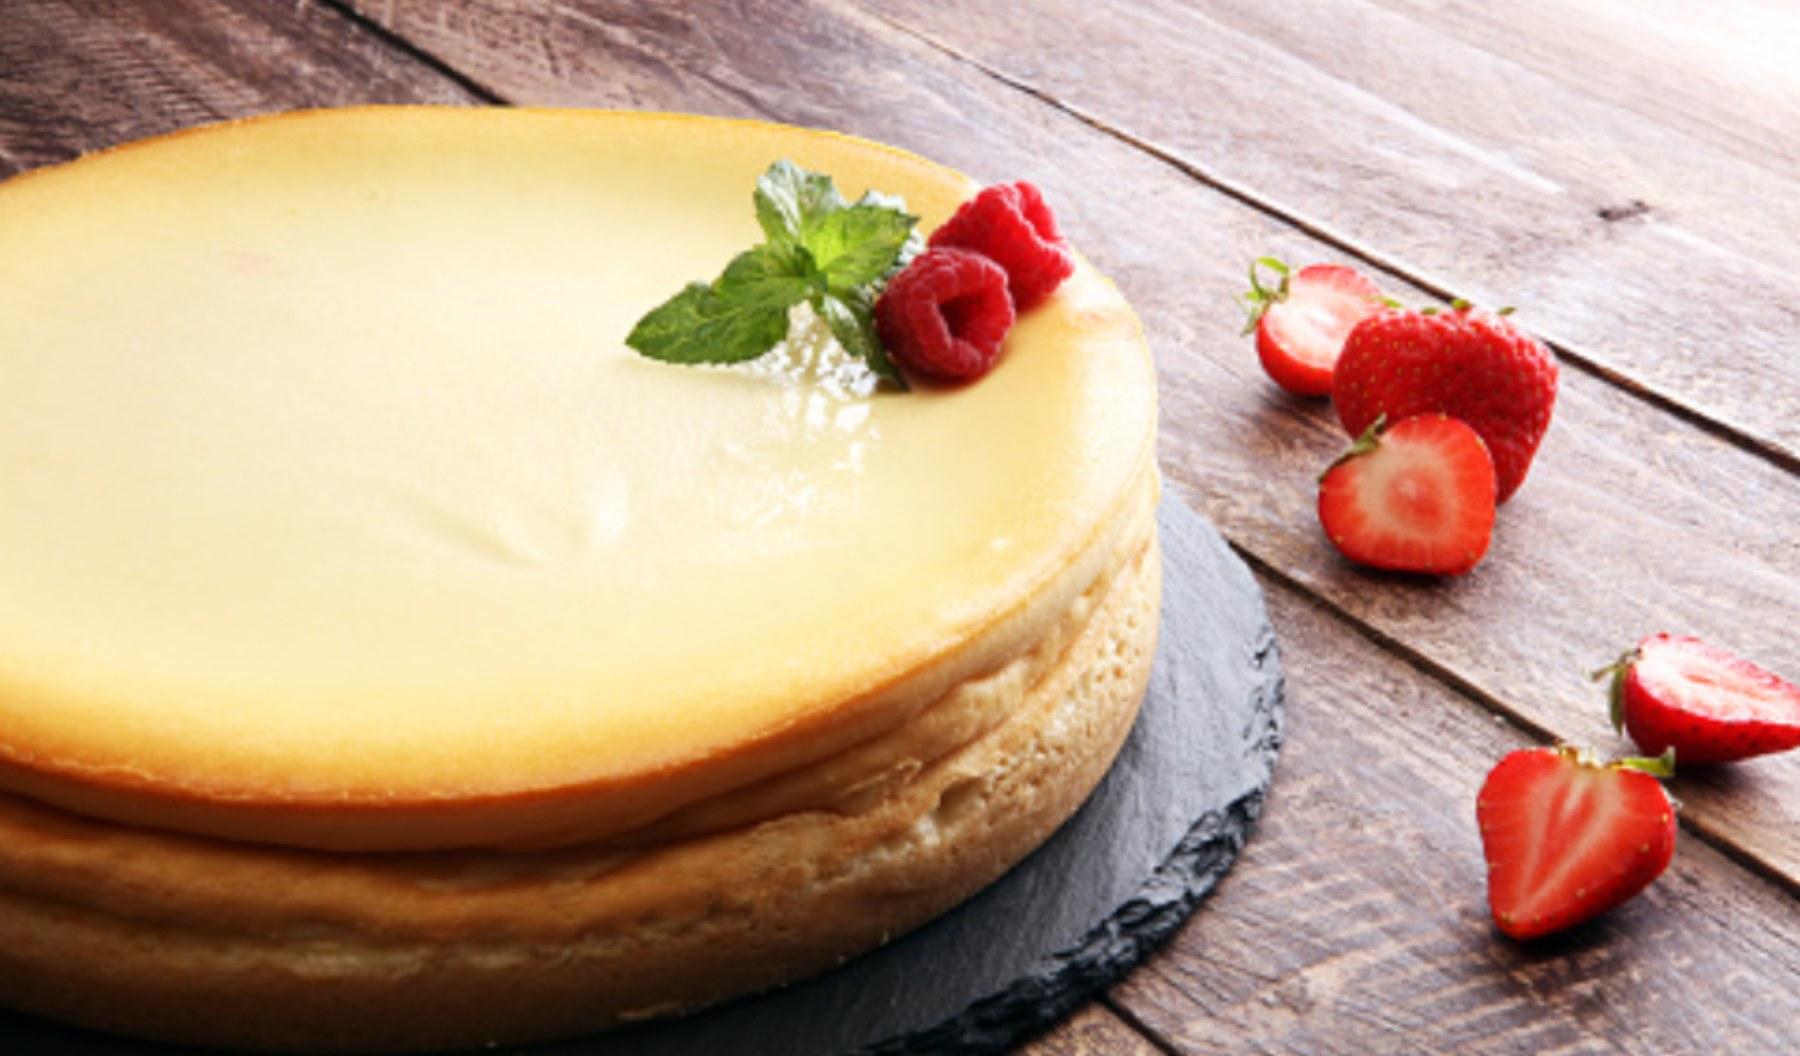 Pastel de yogur, receta con solo 3 ingredientes fácil de preparar y deliciosa